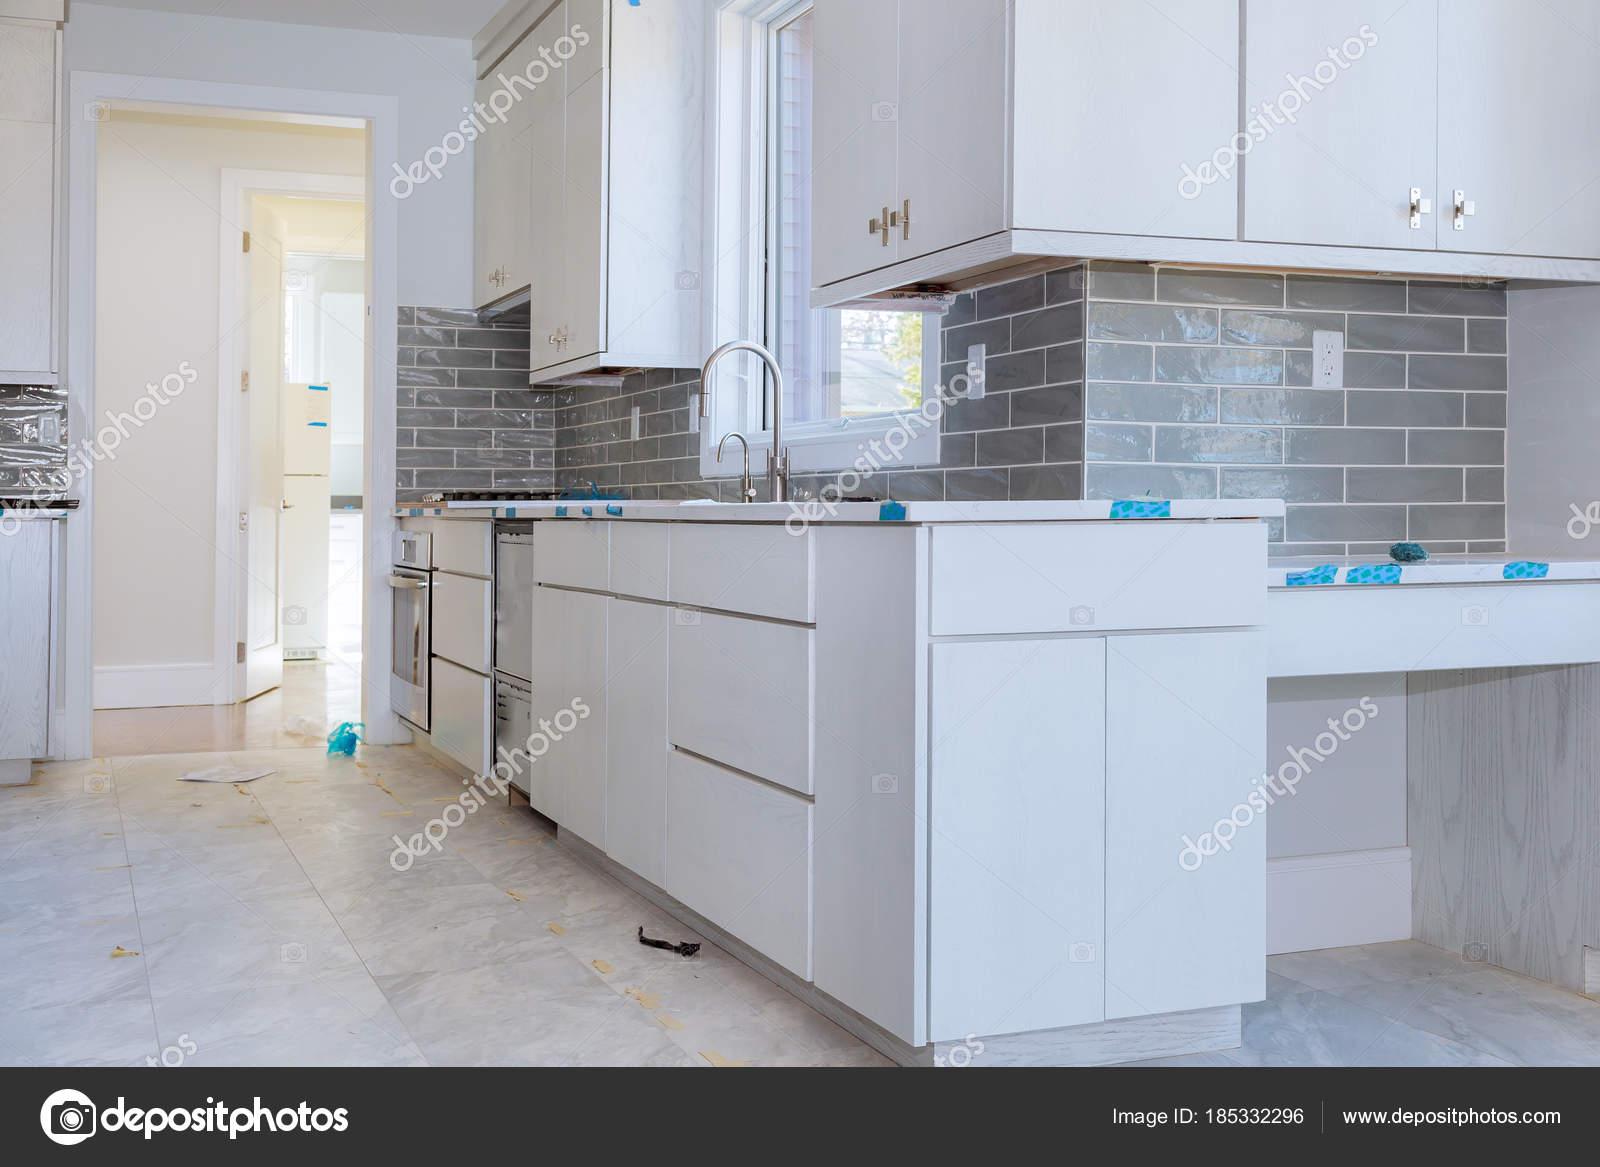 base kitchen cabinets cost 自定义厨柜处于不同阶段的安装基地在中心的岛 图库照片 c photovs 185332296 图库